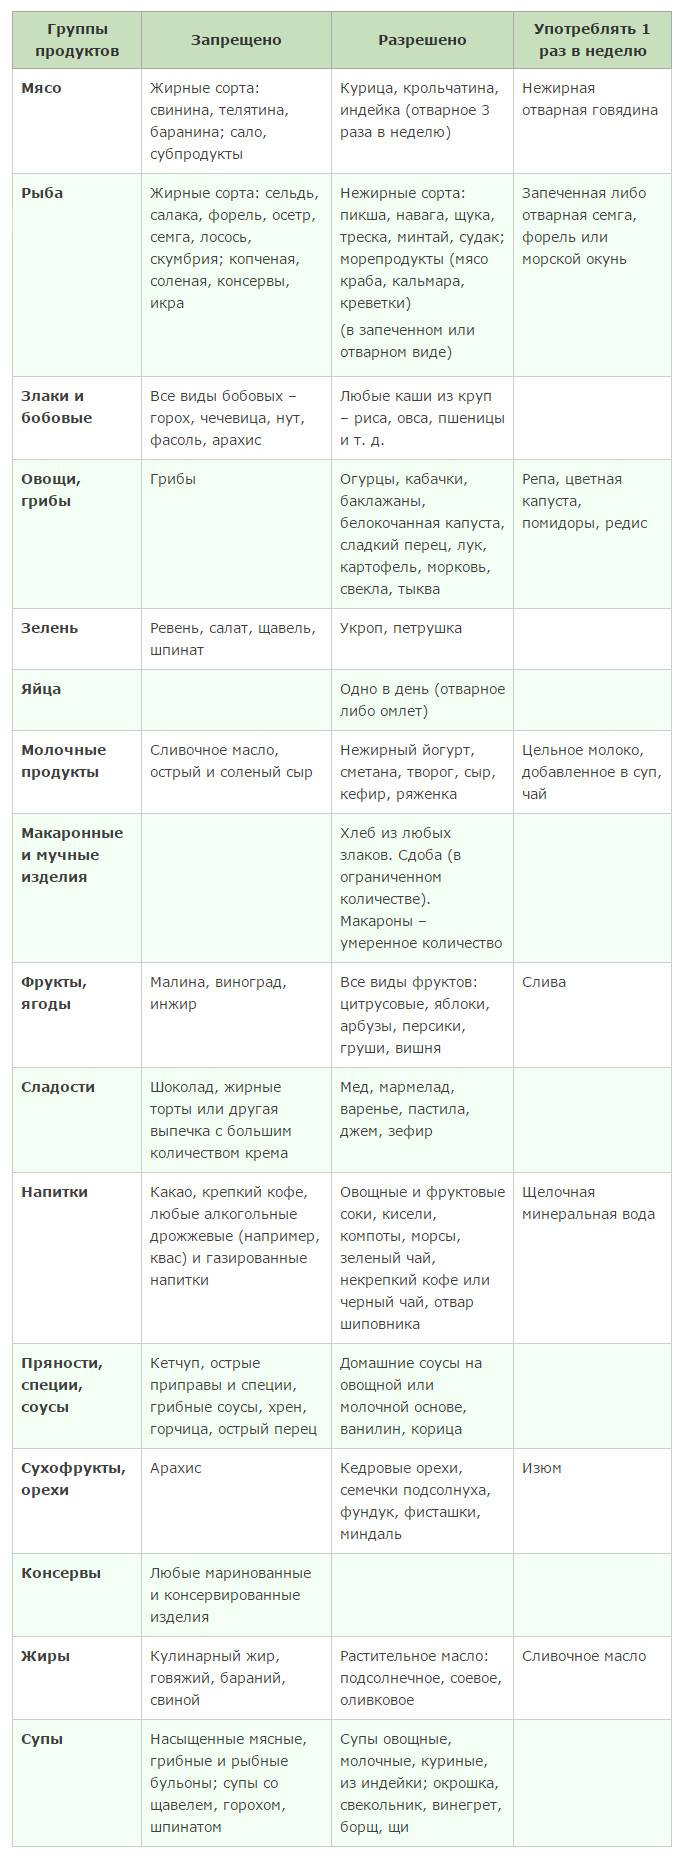 Фрукты при подагре: какие можно есть, а какие нет | все о суставах и связках